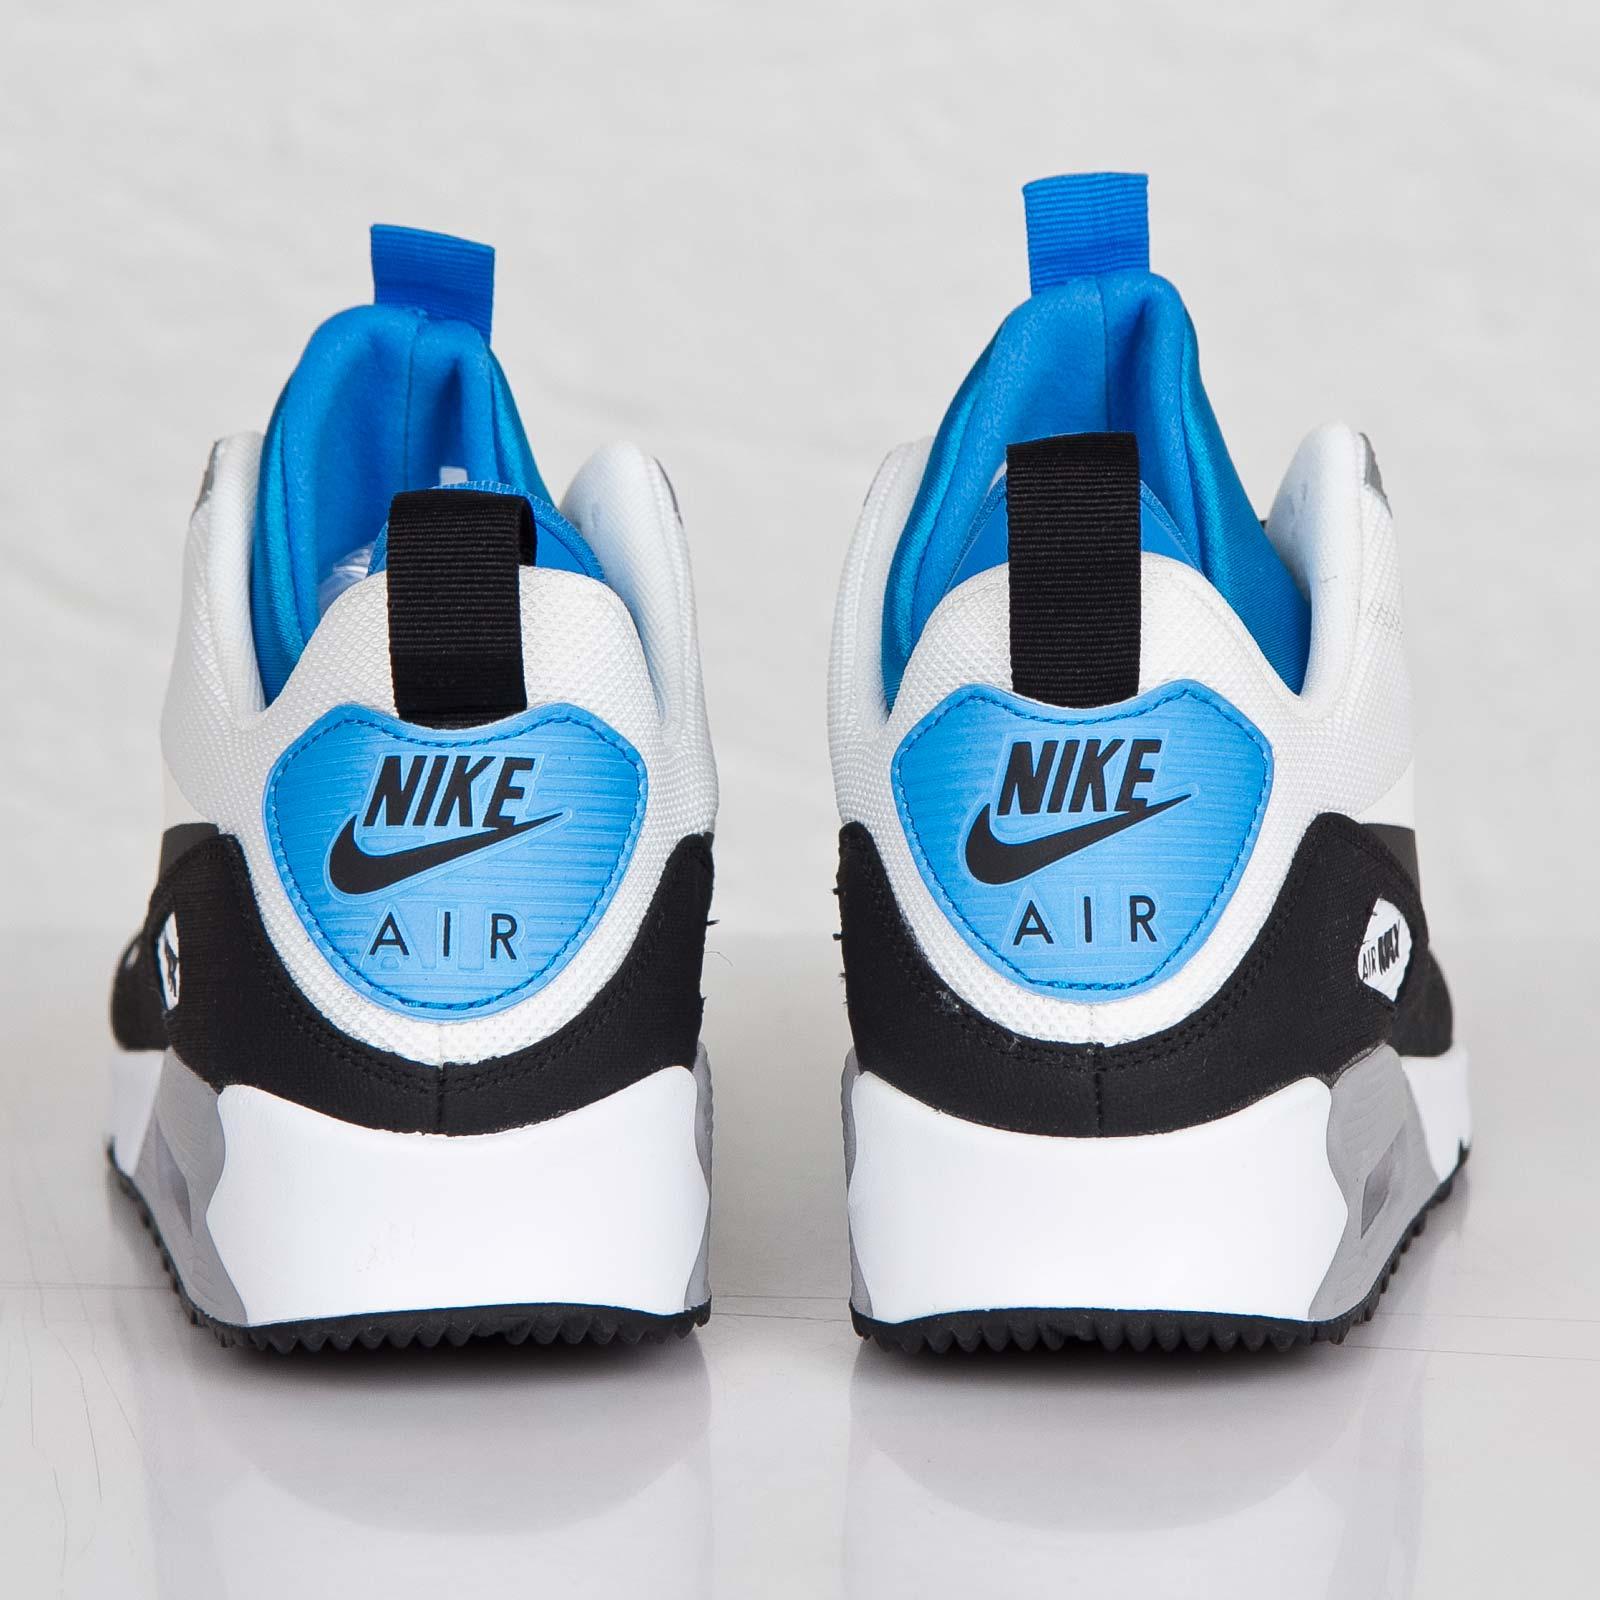 buy popular b4d5d 8a674 Nike Air Max 90 Sneakerboot NS - 616314-104 - Sneakersnstuff   sneakers    streetwear online since 1999